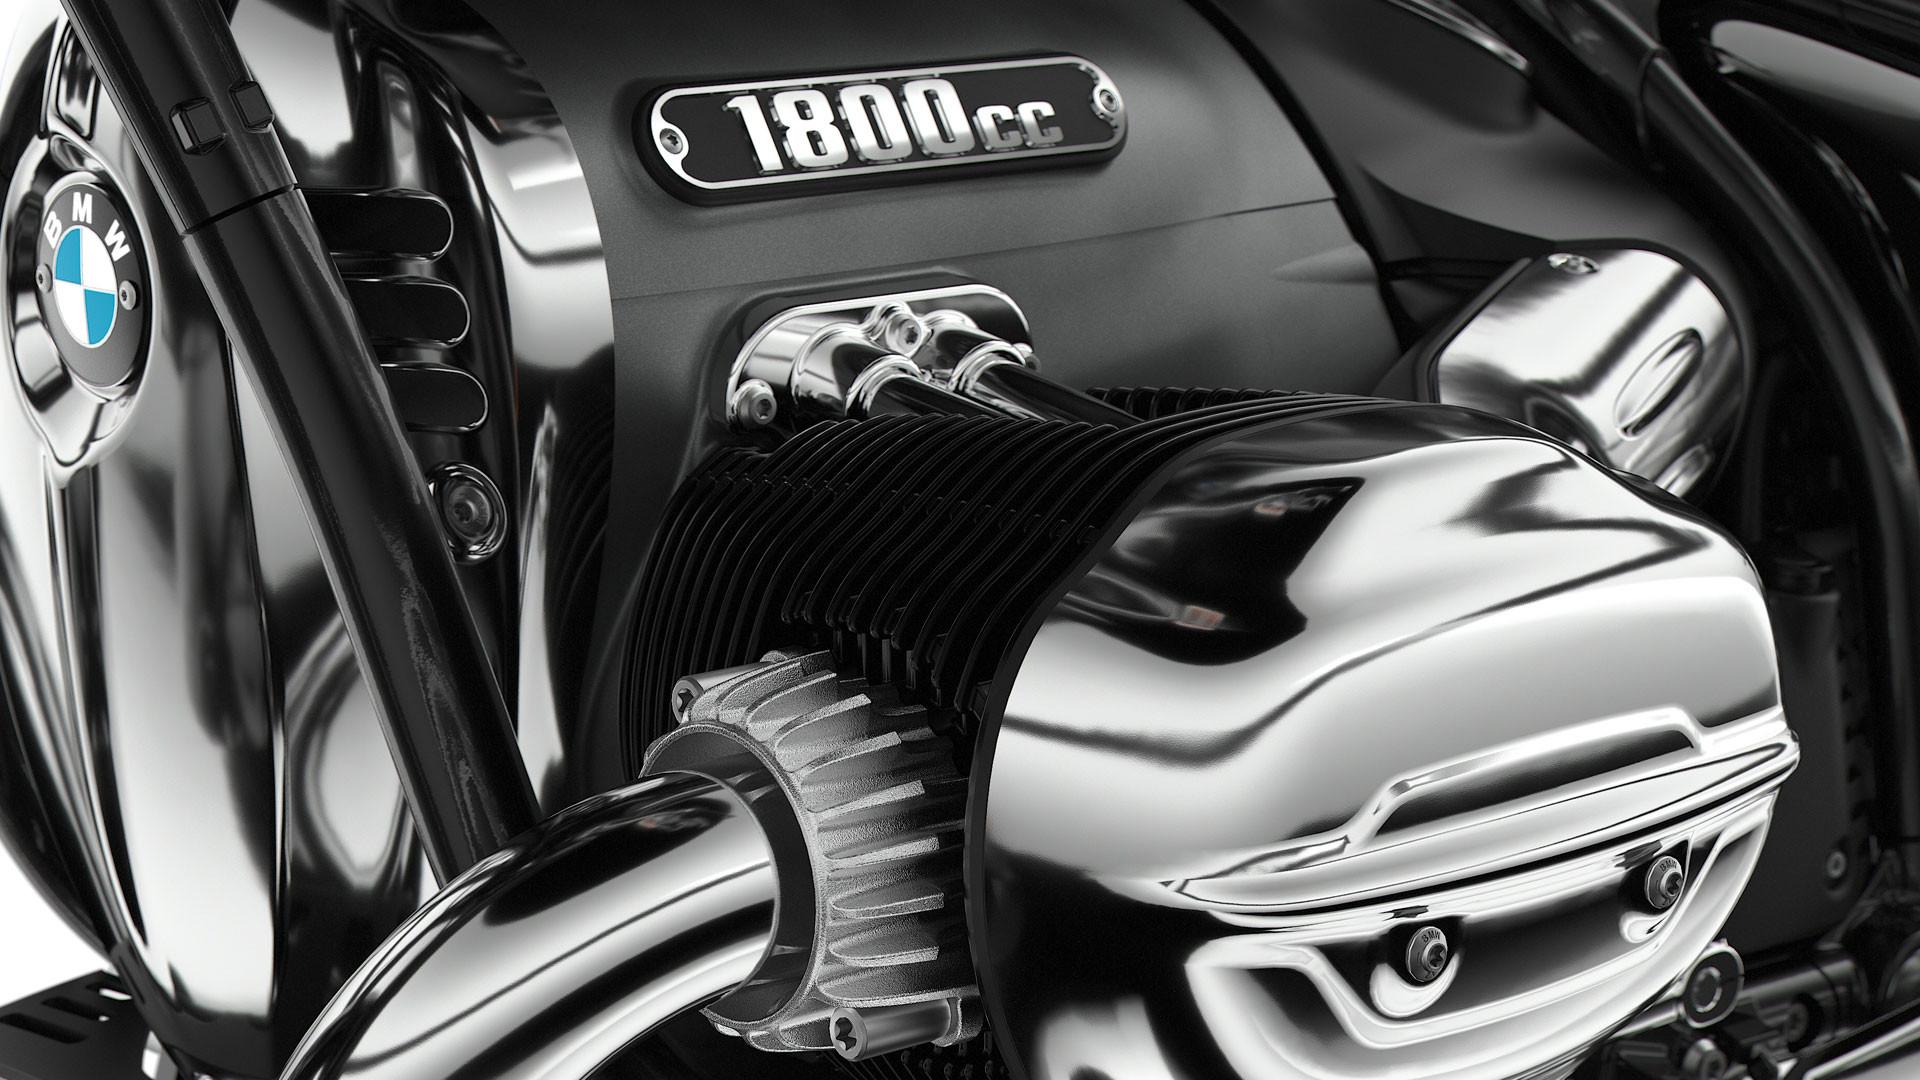 Оппозитный двигатель с штанговым приводом клапанов